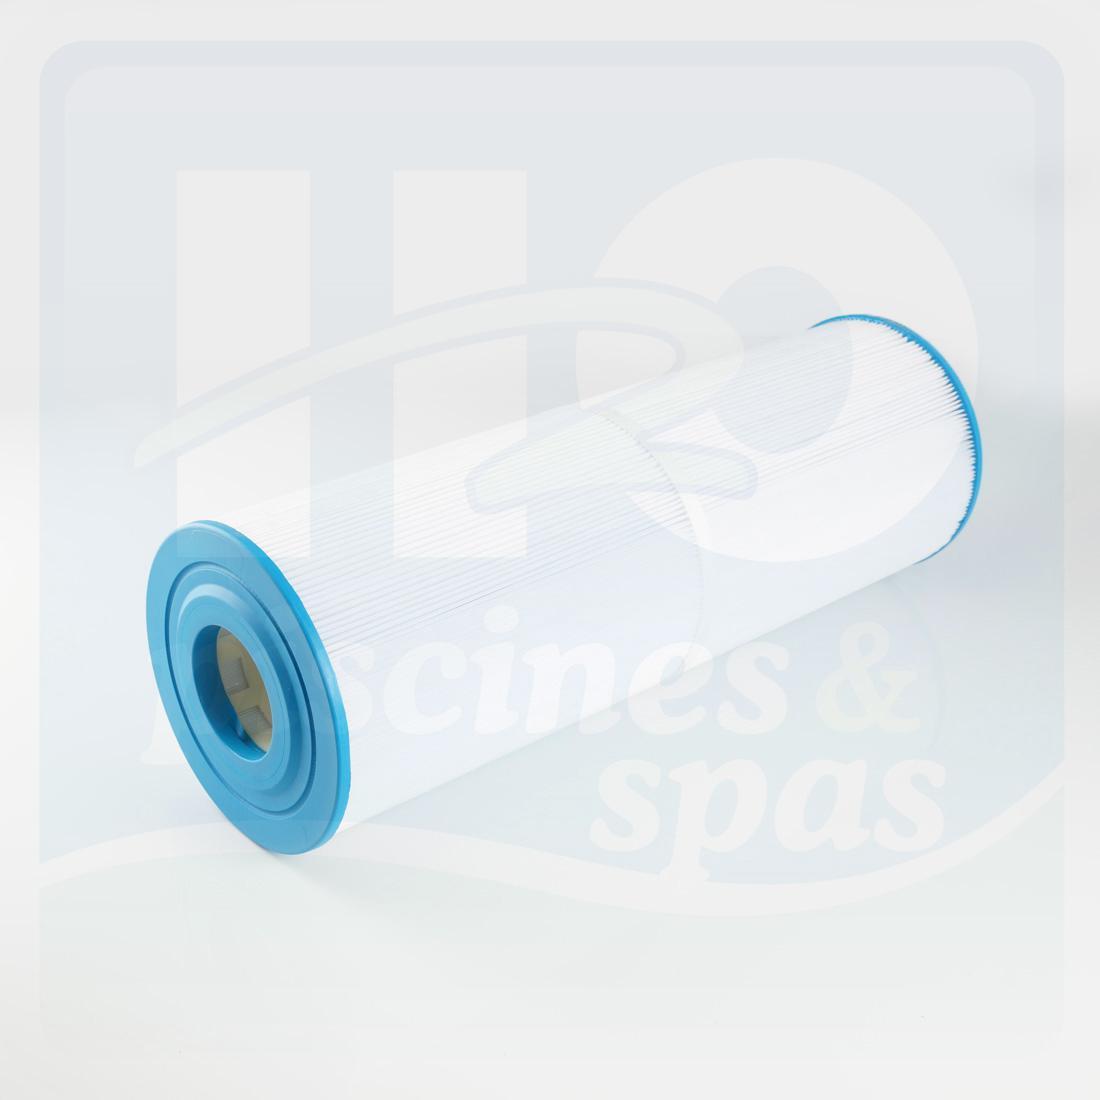 Cartouche pour filtre spaquip 2100 compatible h2o - Cartouche filtre piscine magiline ...